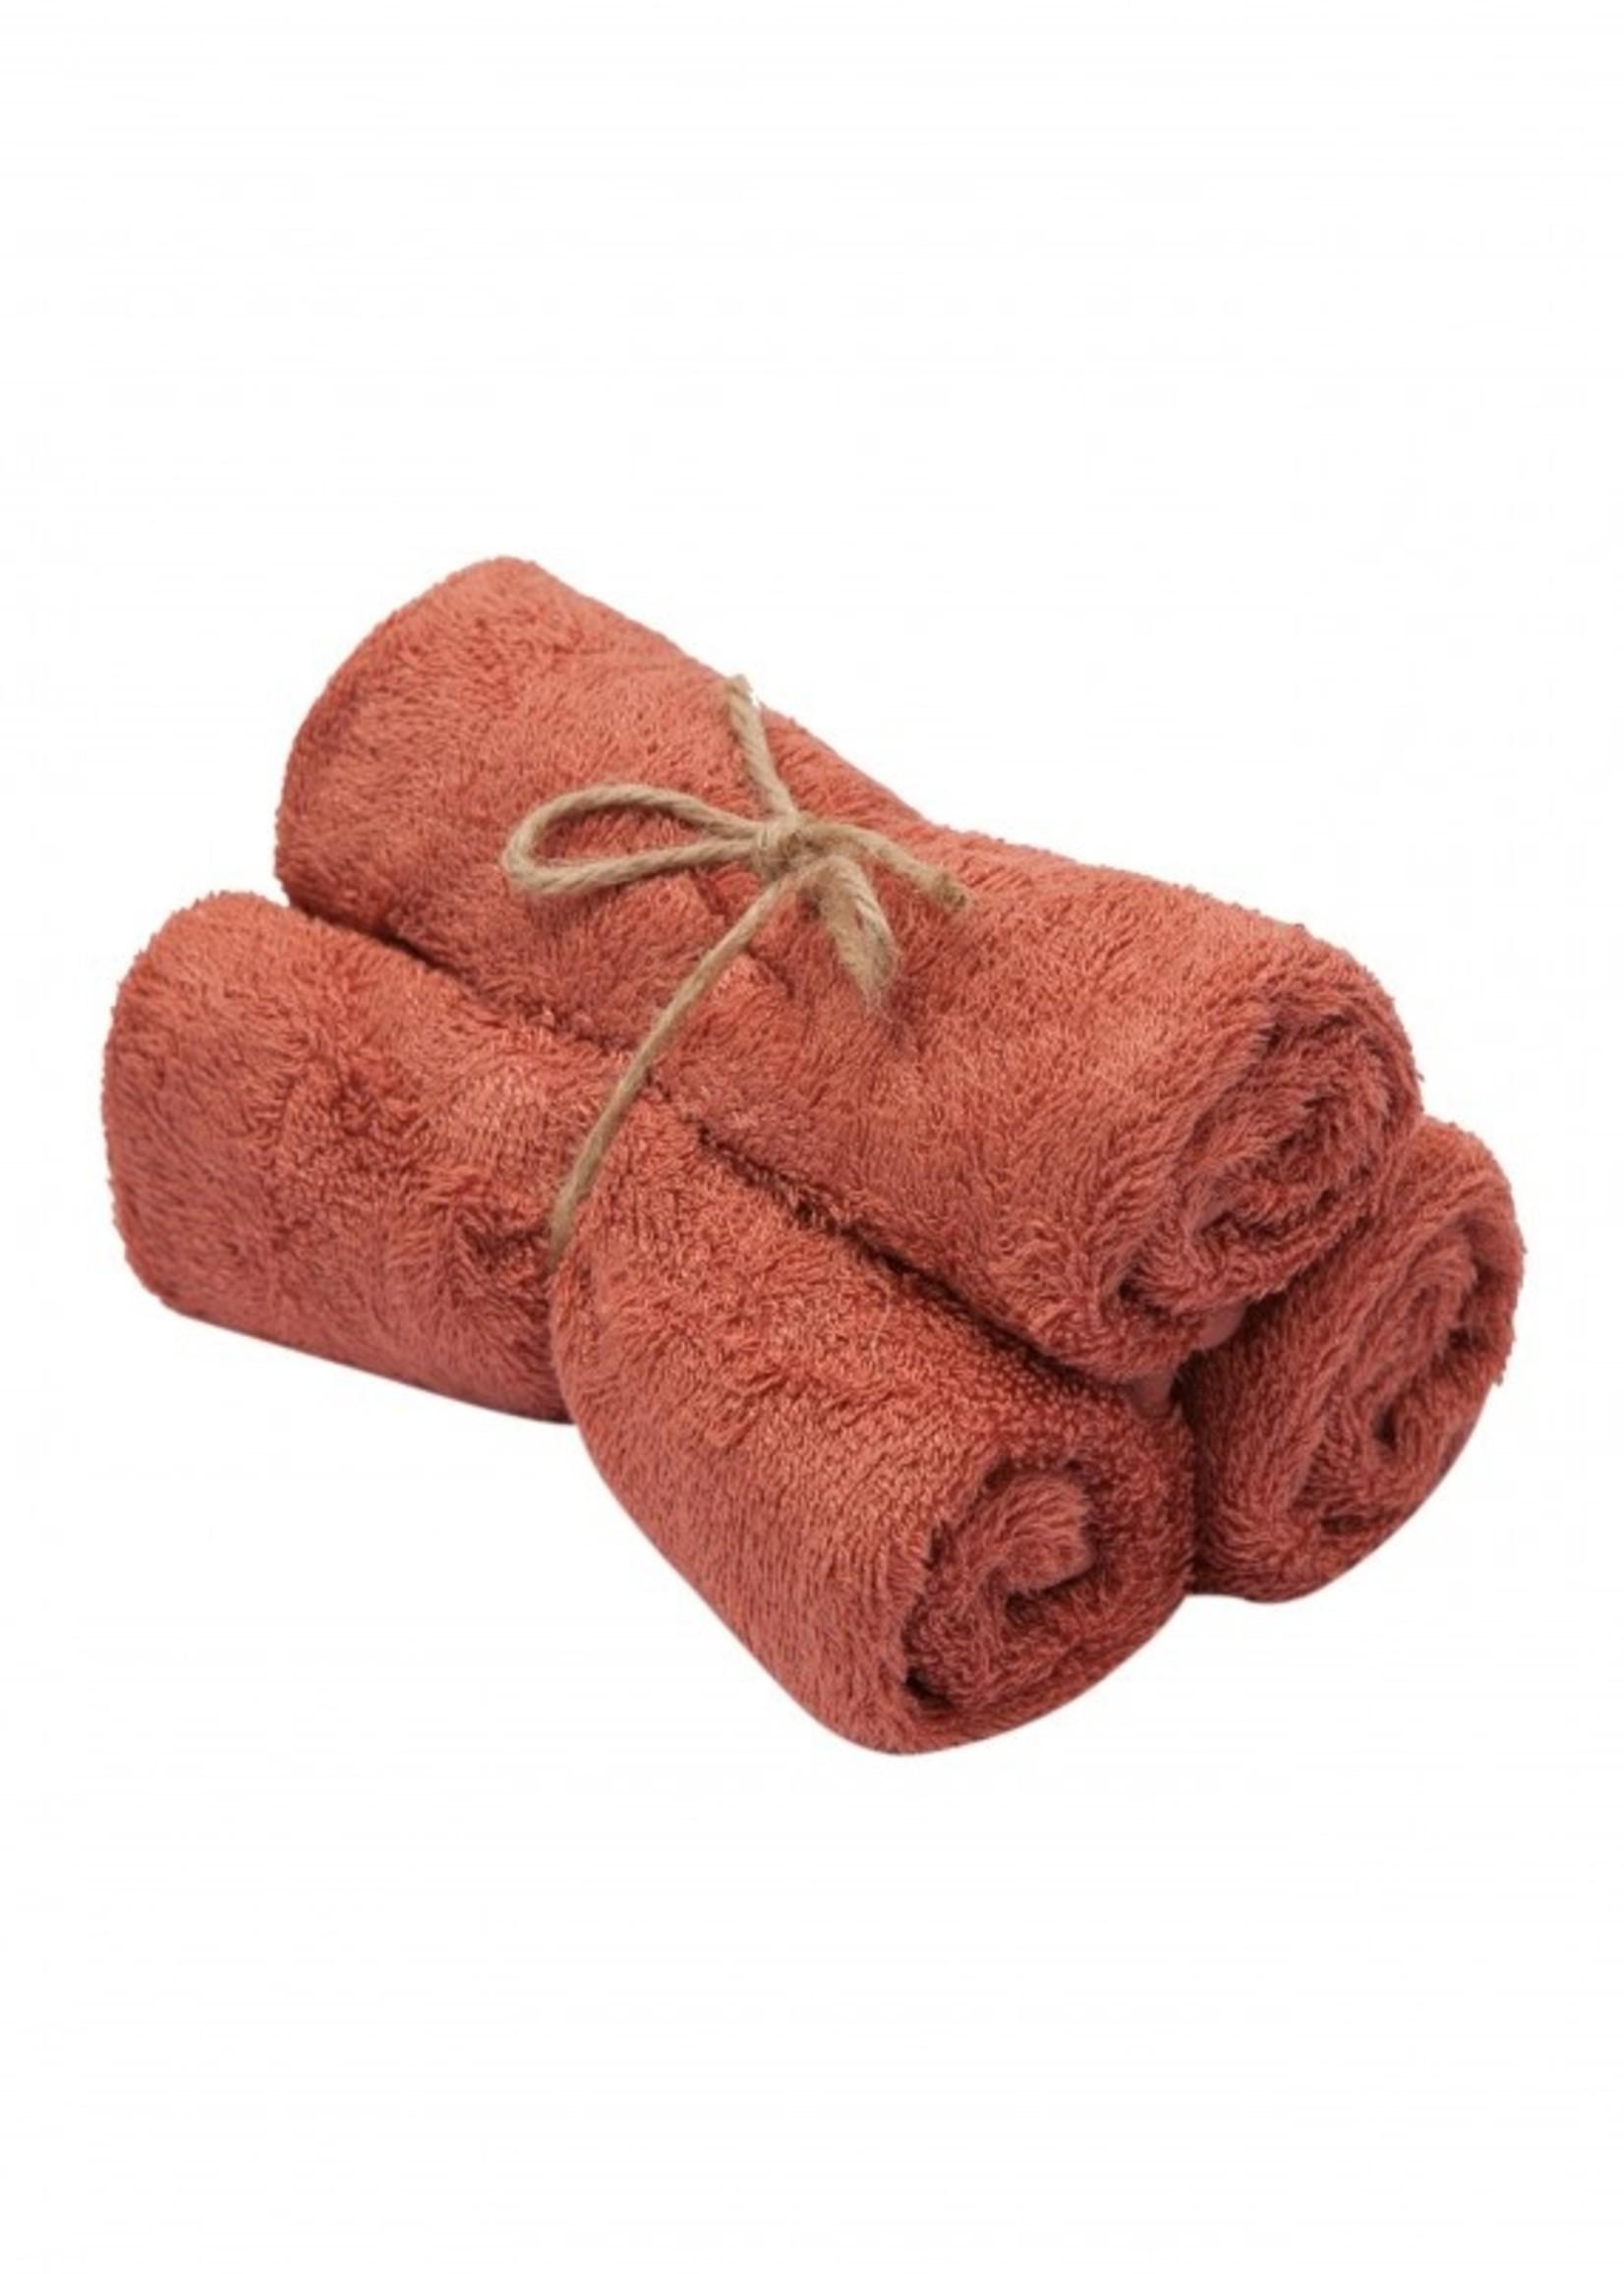 Timboo Set 3 Small Towels - Apricot Blush